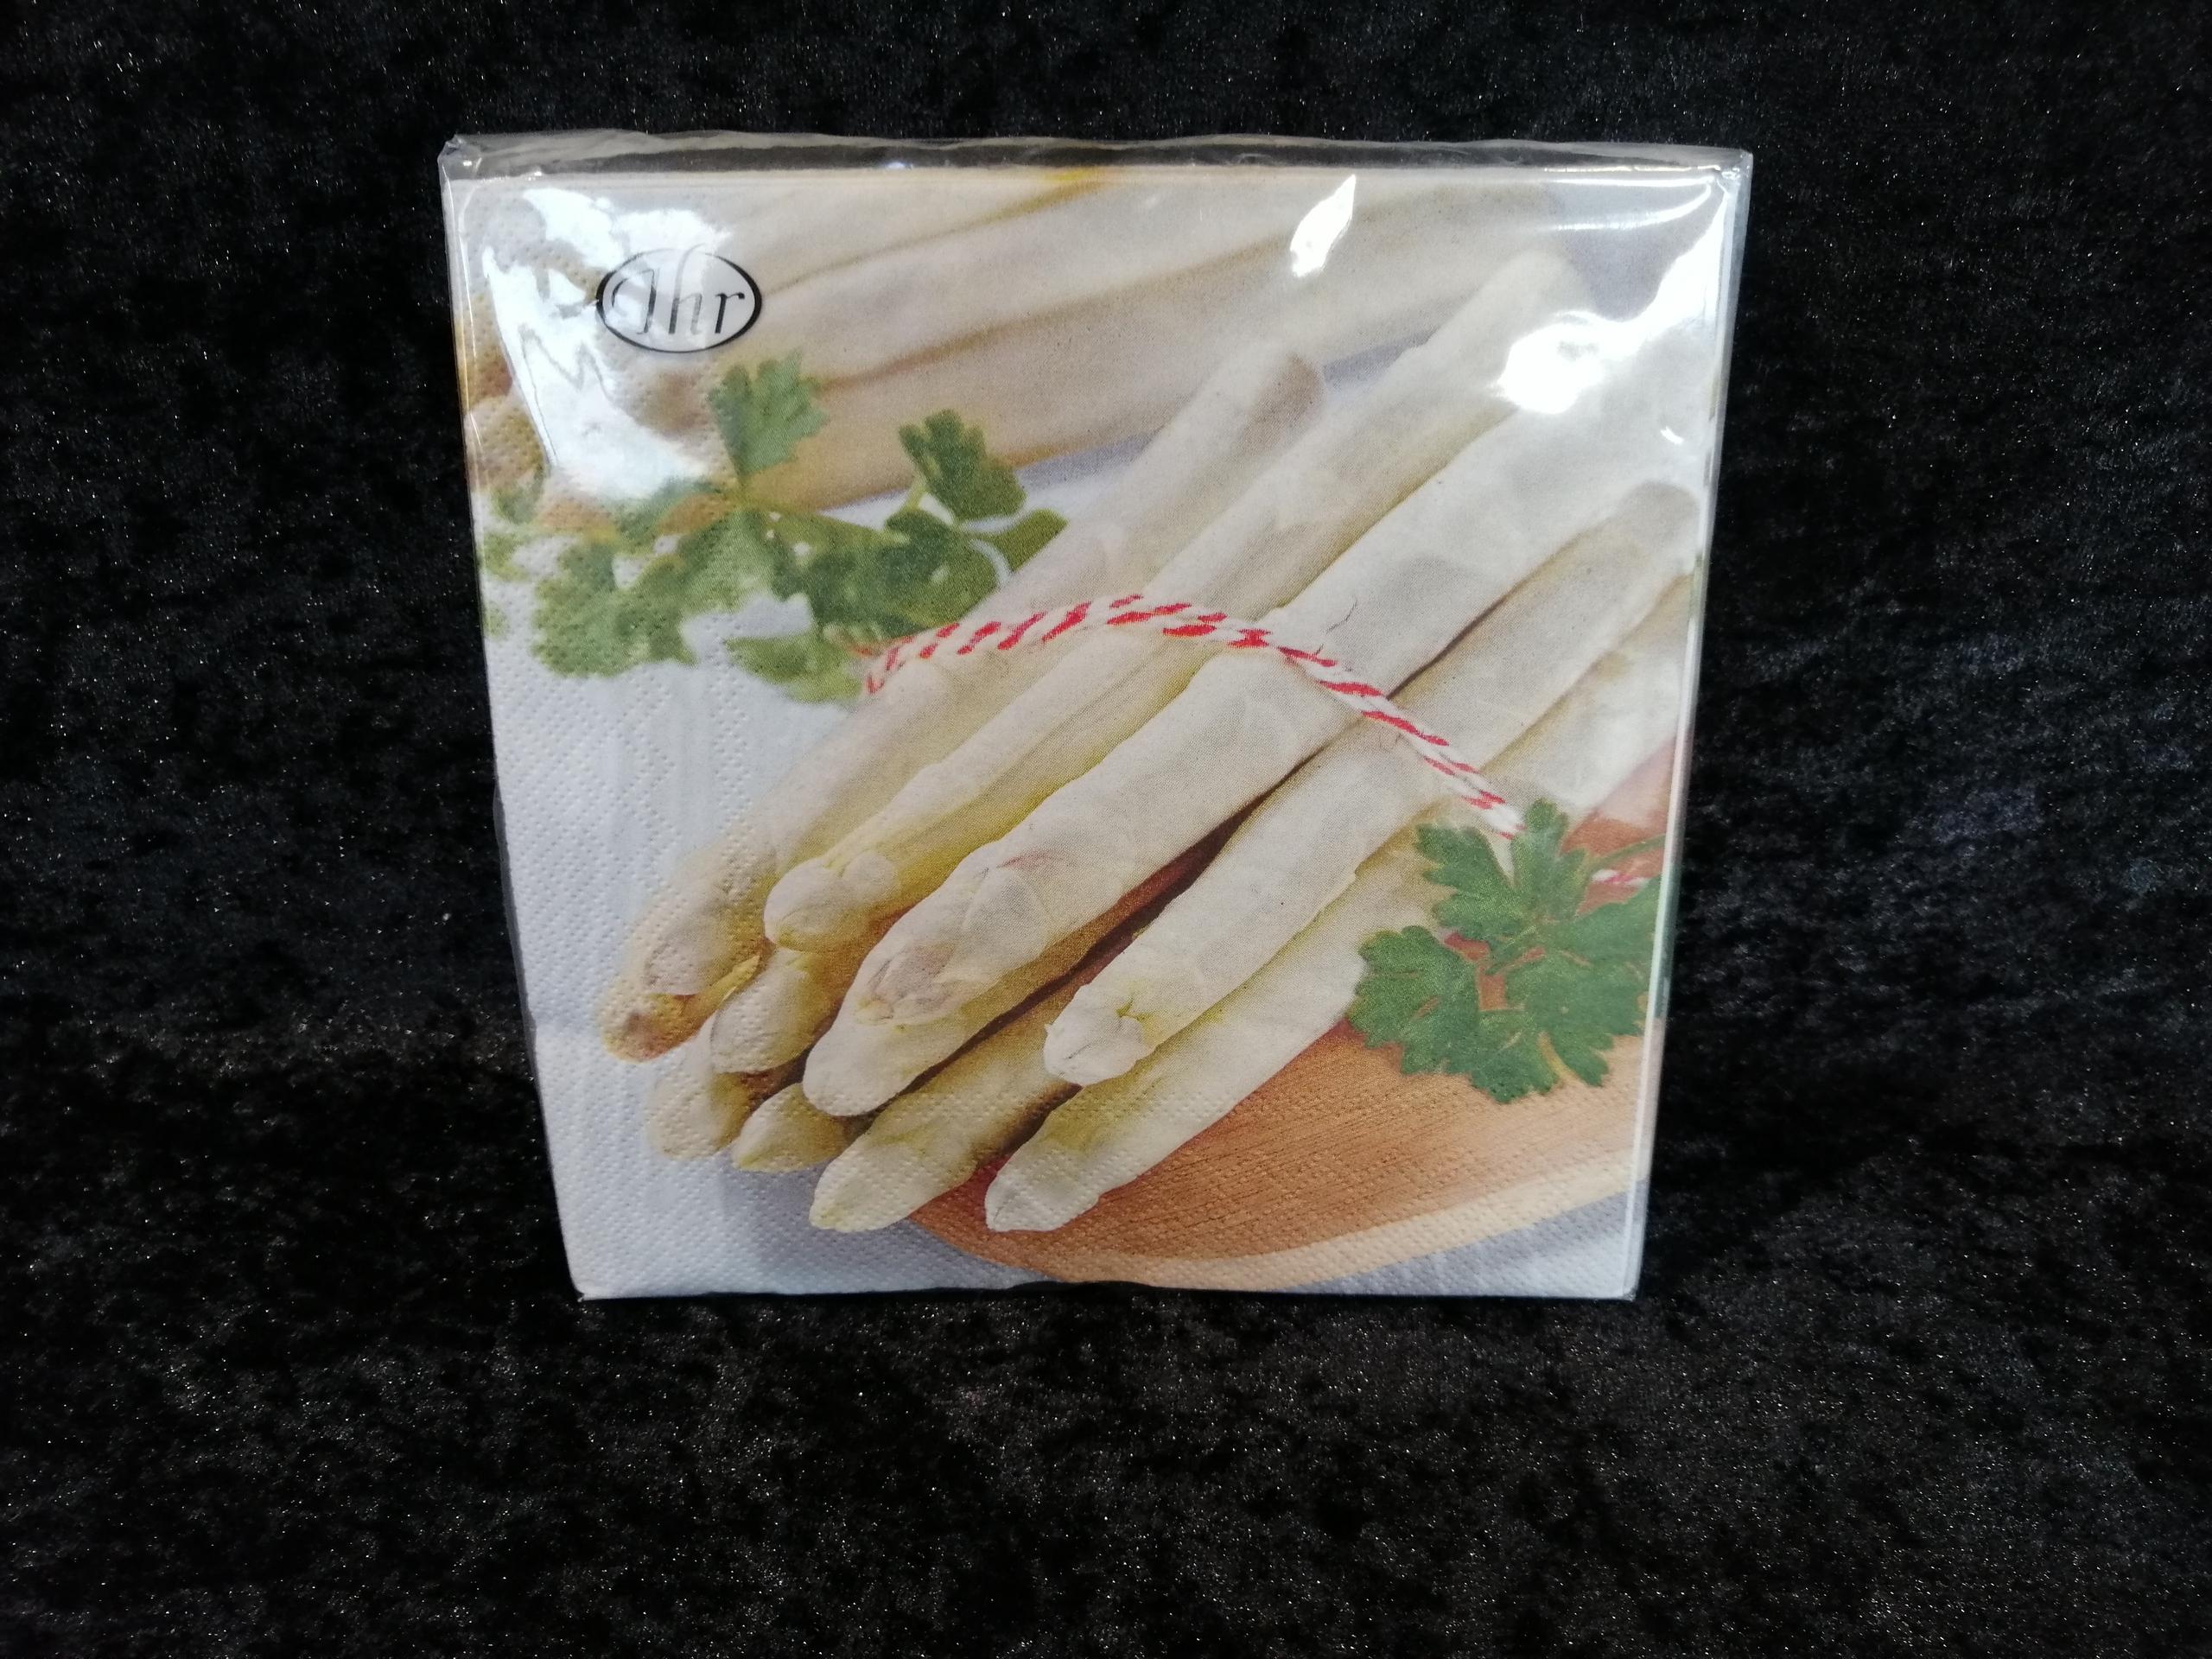 White asparagus Ihr servetten